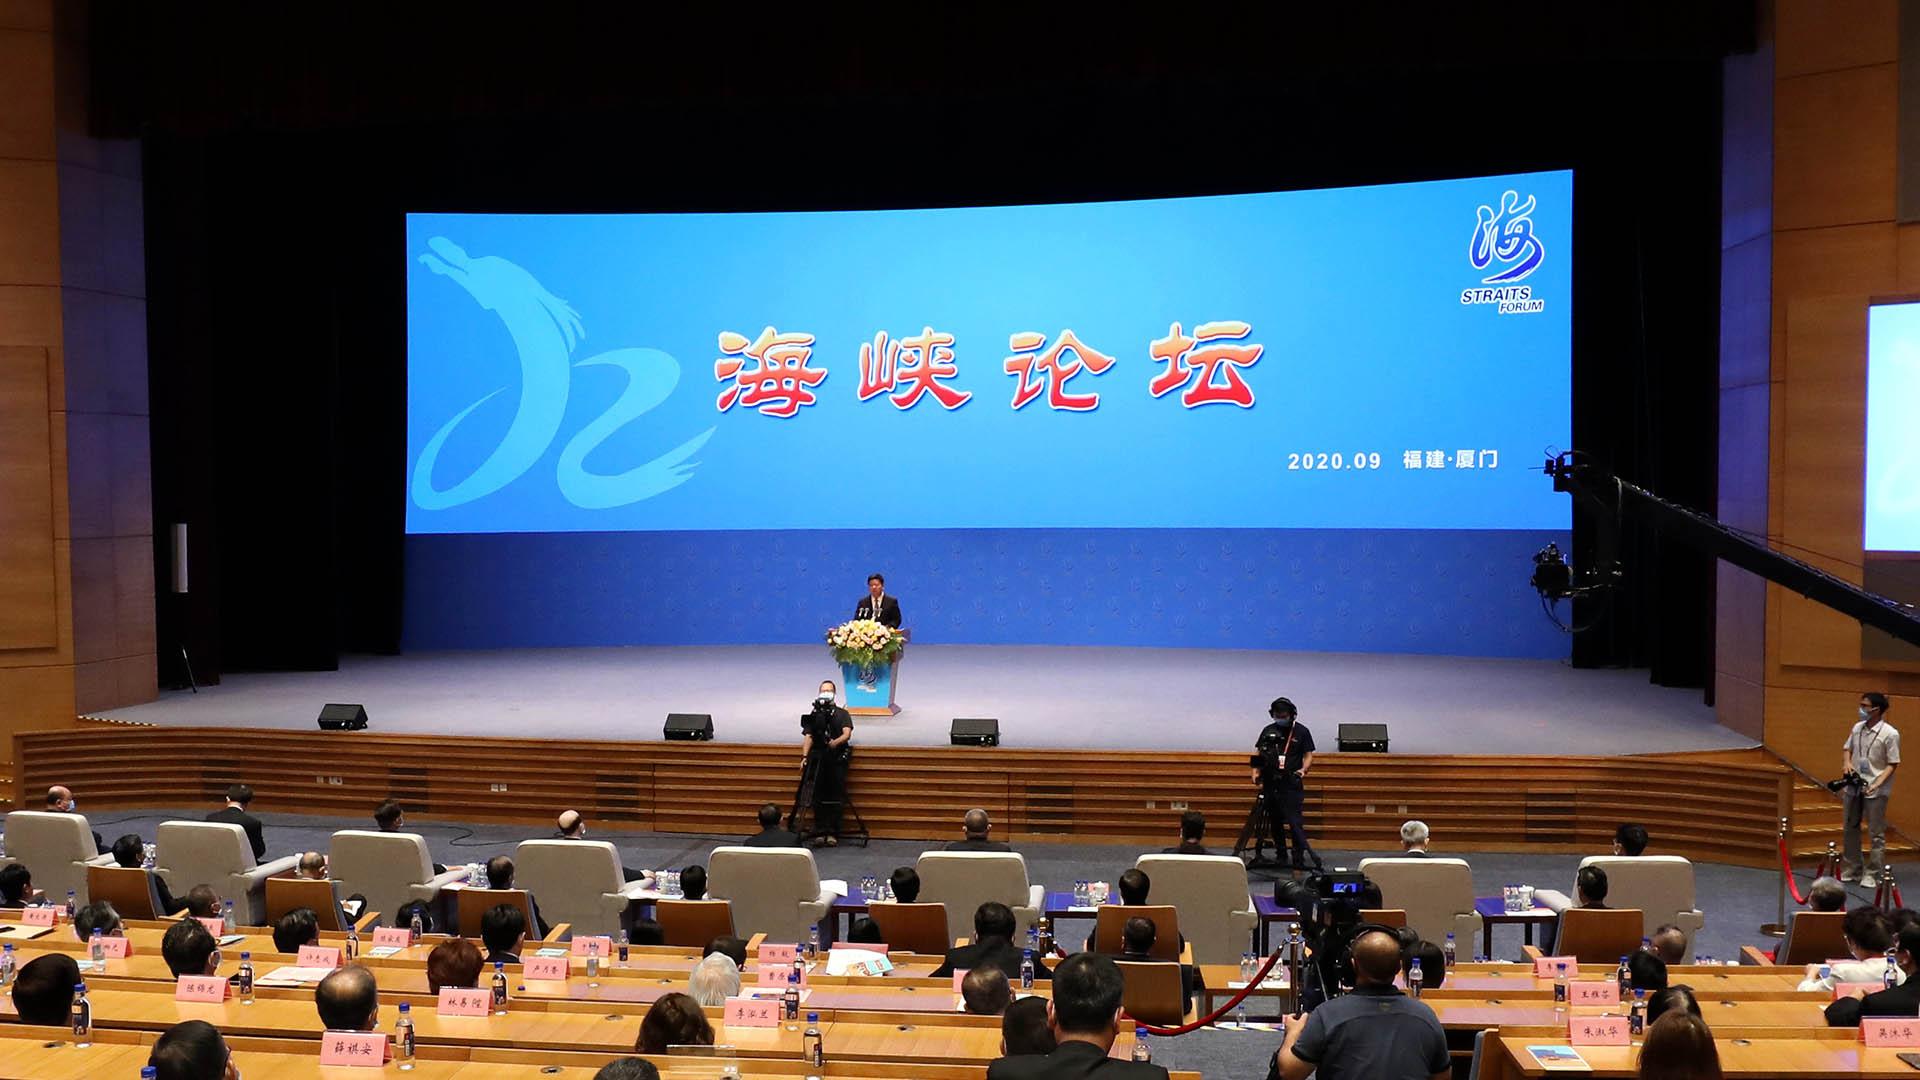 作為兩岸最大的民間交流盛會,海峽論壇今年已經進入第十二年,中華民族致公黨主席……